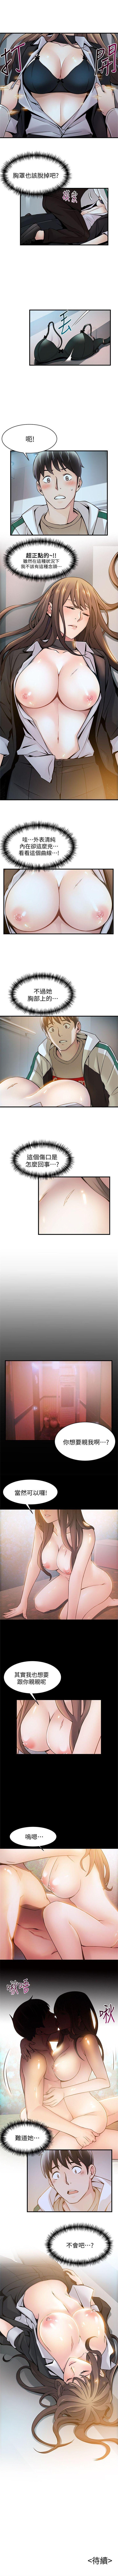 弱點 1-107 官方中文(連載中) 70